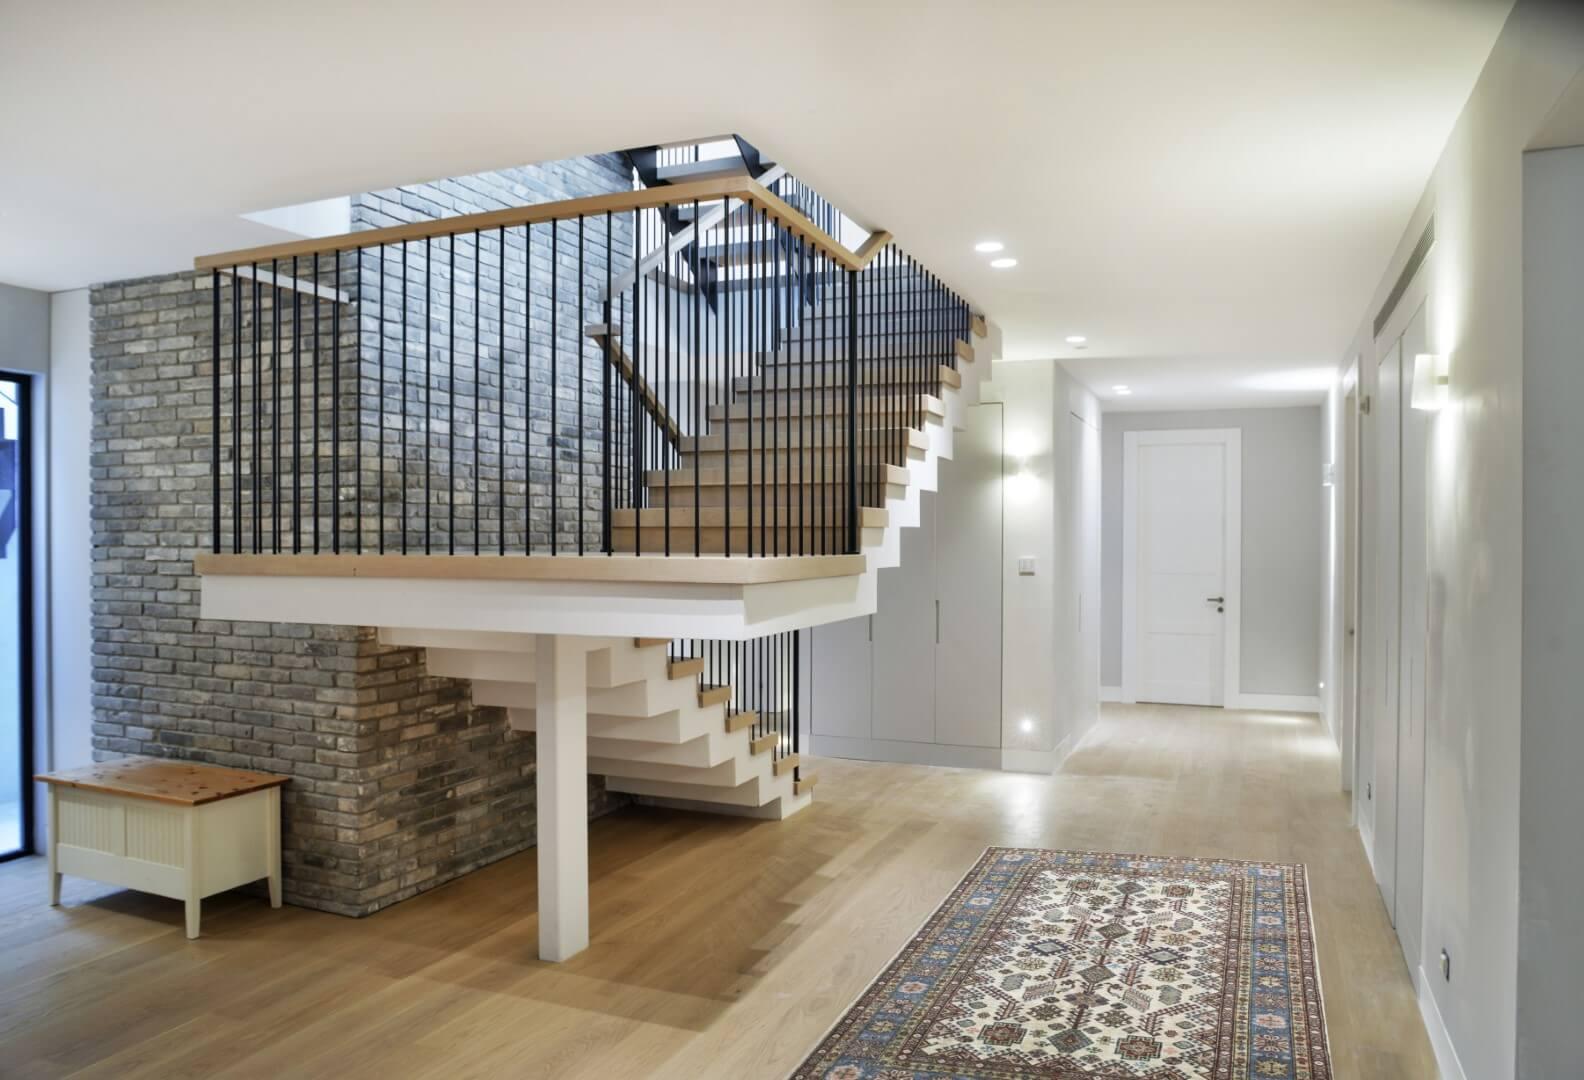 מדרגות קונסטרוקציית ברזל עם מעקה ברזל, מאחז יד מעץ ומדרכי עץ אלון אמריקאי מותאמים לפי הפרקט